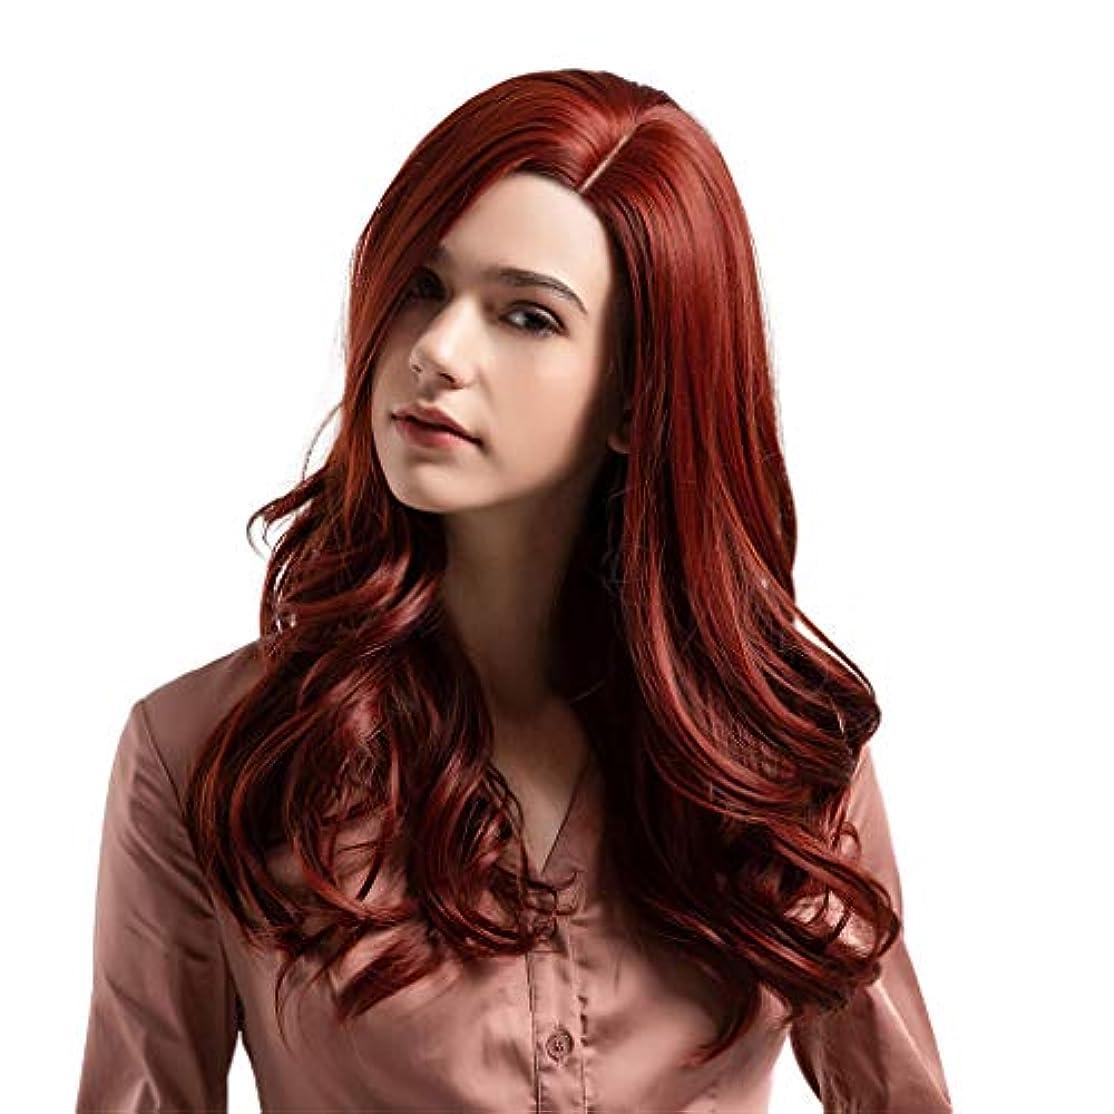 ダイジェスト引き受けるライオネルグリーンストリートかつら赤の長い髪の巻き毛の自然なかつら高温シルクウィッグ24インチ